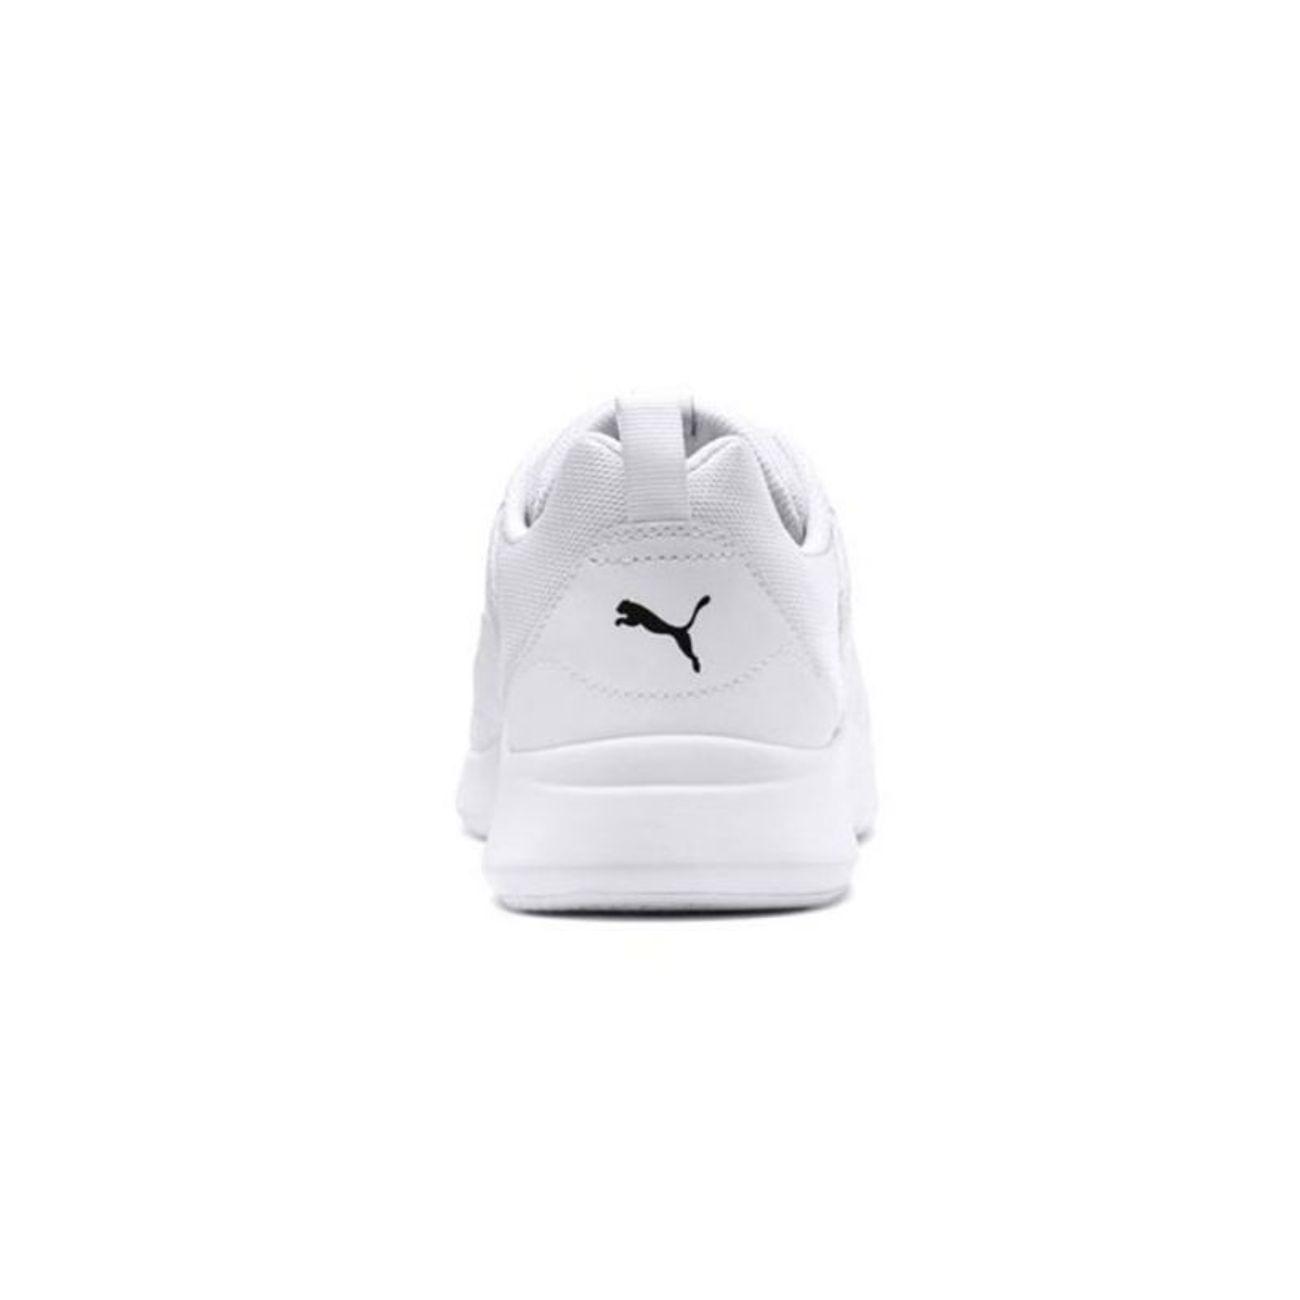 artisanat exquis Chaussures de skate conception de la variété Padel adulte PUMA PUMA WIRED BLANC 366970 02